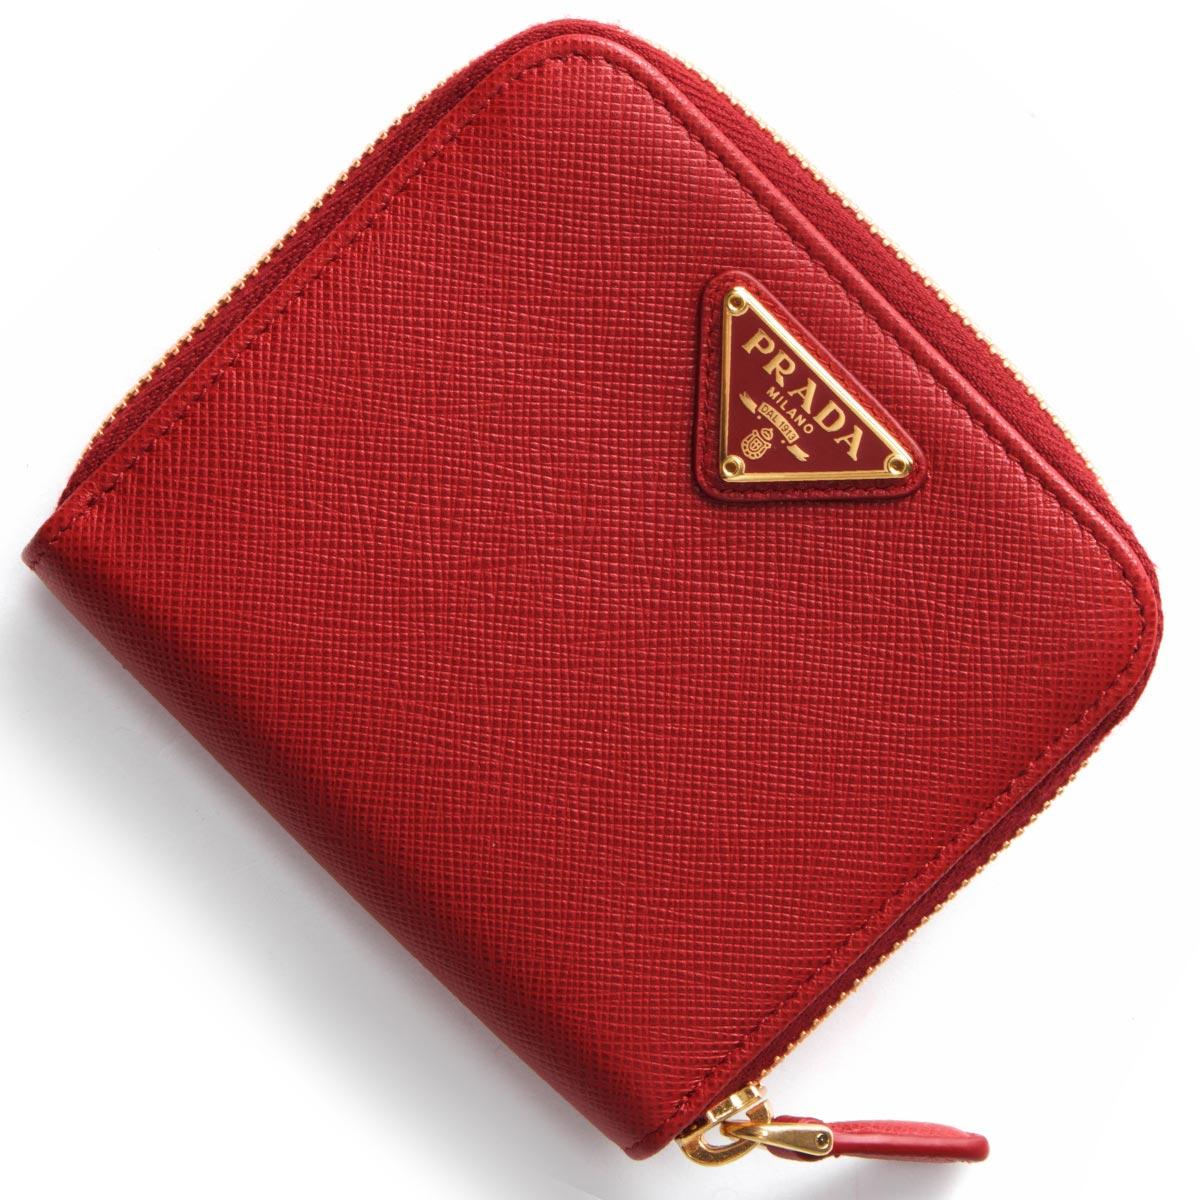 プラダ 二つ折り財布 財布 レディース サフィアーノ トライアングル 三角ロゴプレート フォーコレッド 1ML522 QHH F068Z PRADA